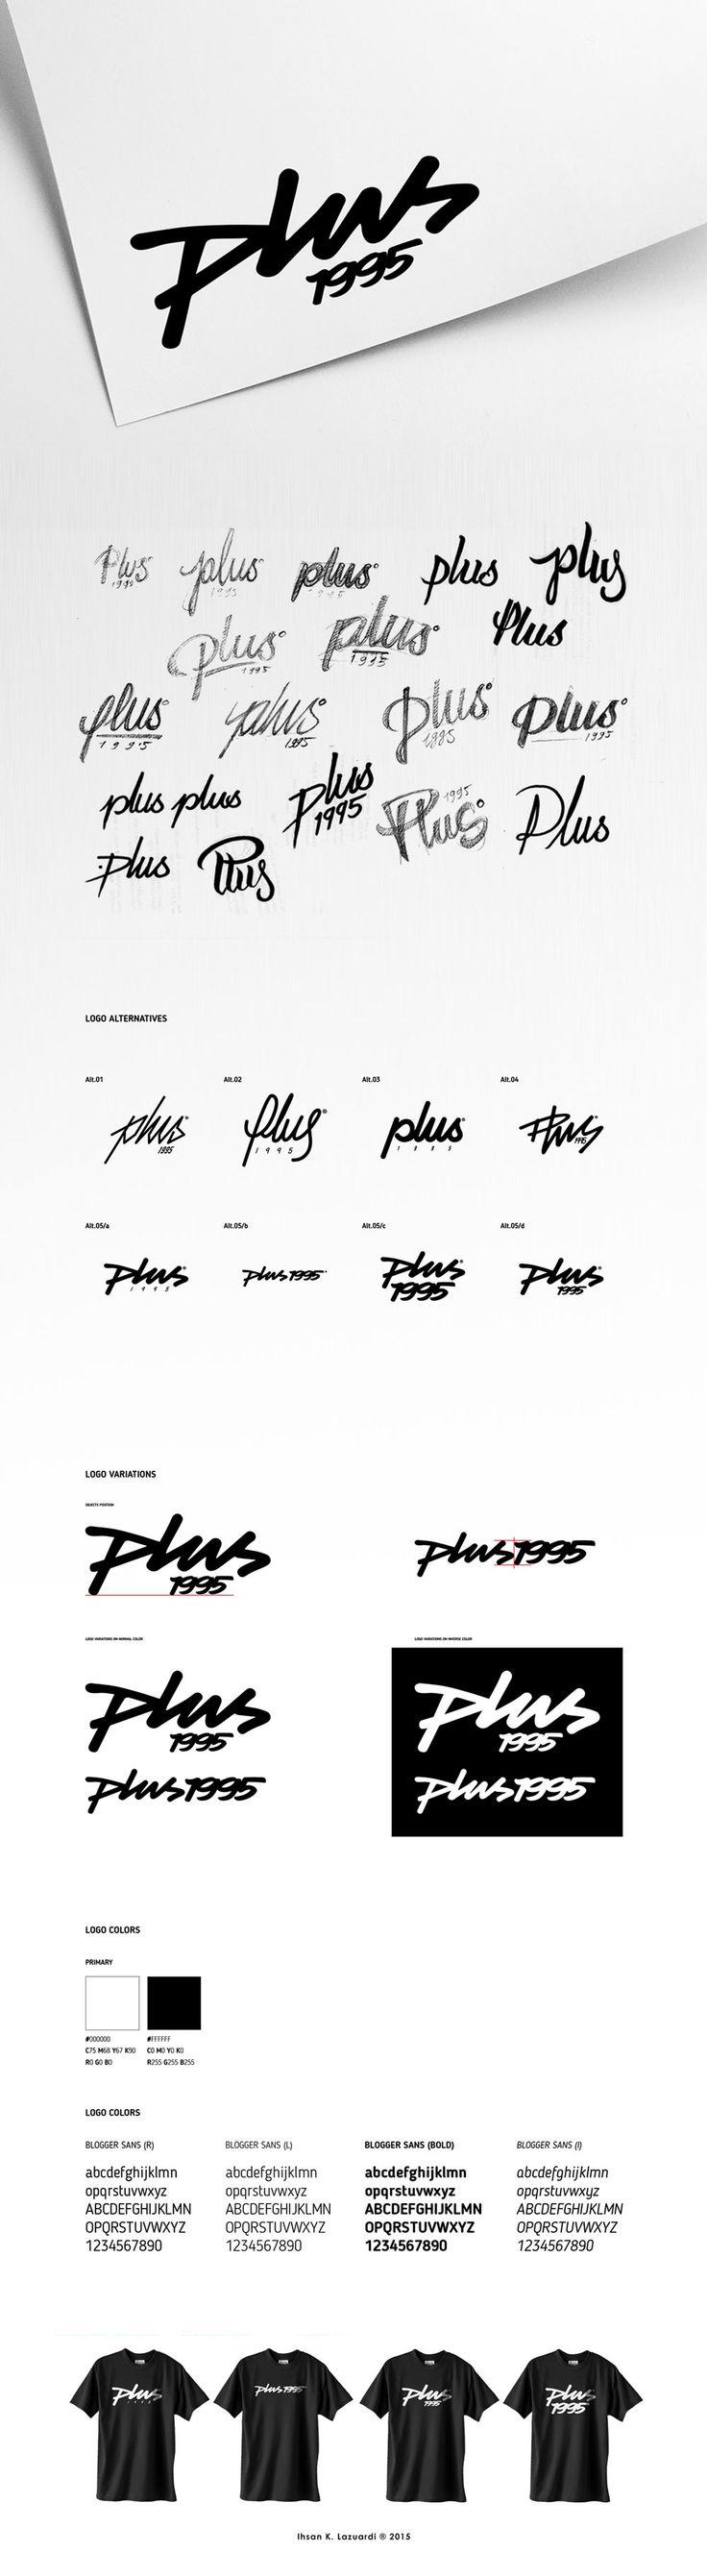 handdrawn logotype i did for streetwear brand named Plus 1995 www.behance.net/ihsankl #ihsankl